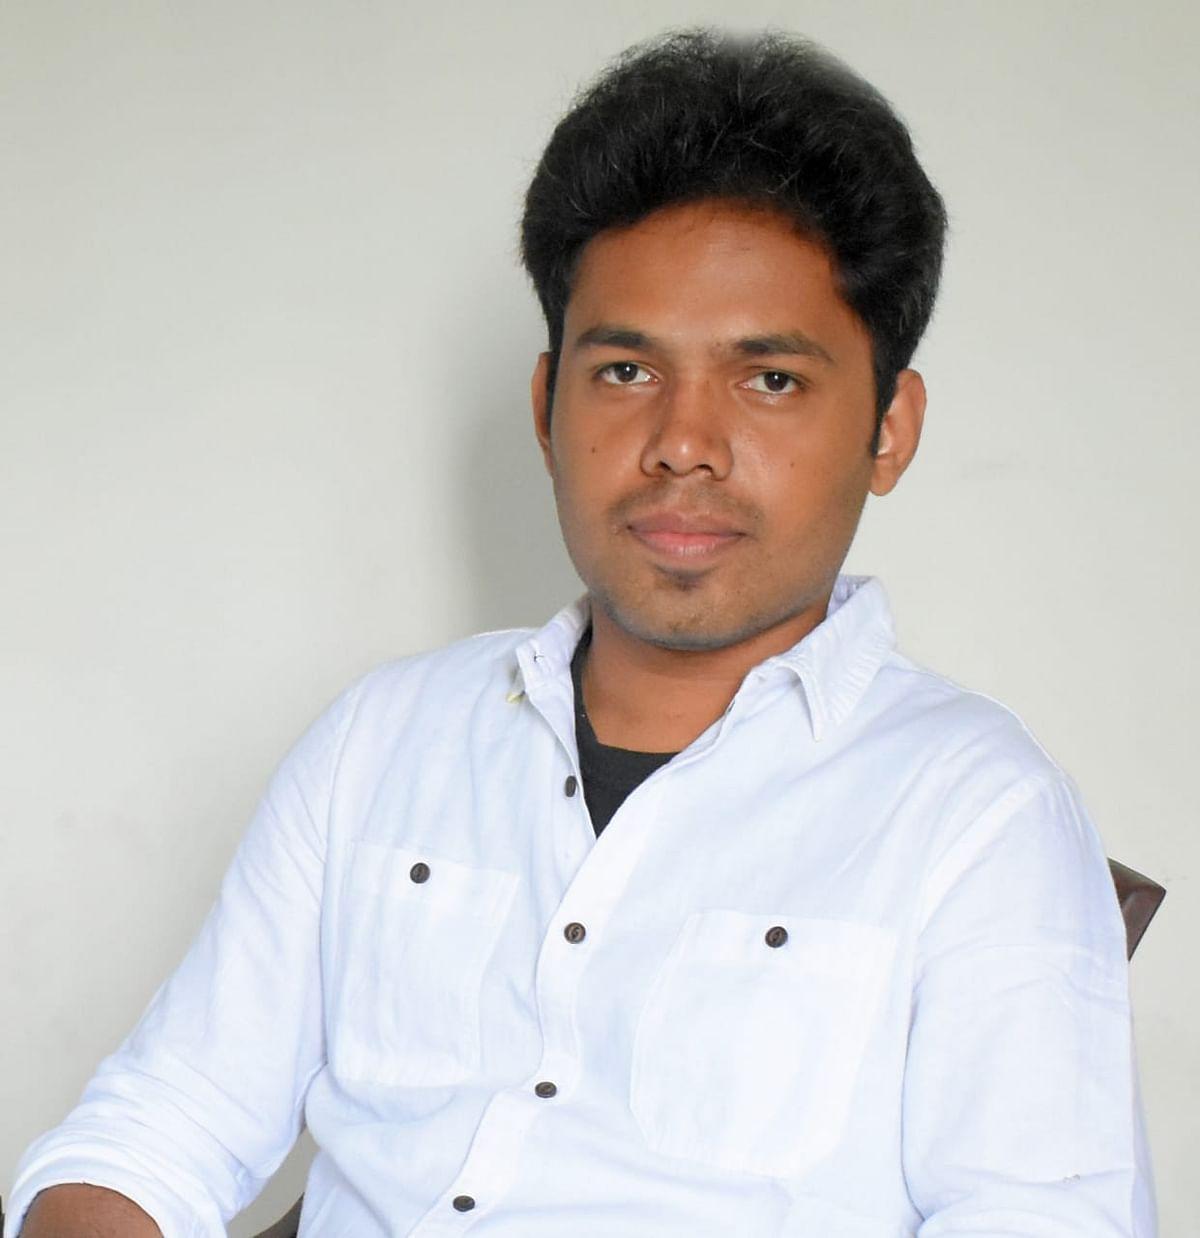 லக்ஷ்மன் முத்தையா